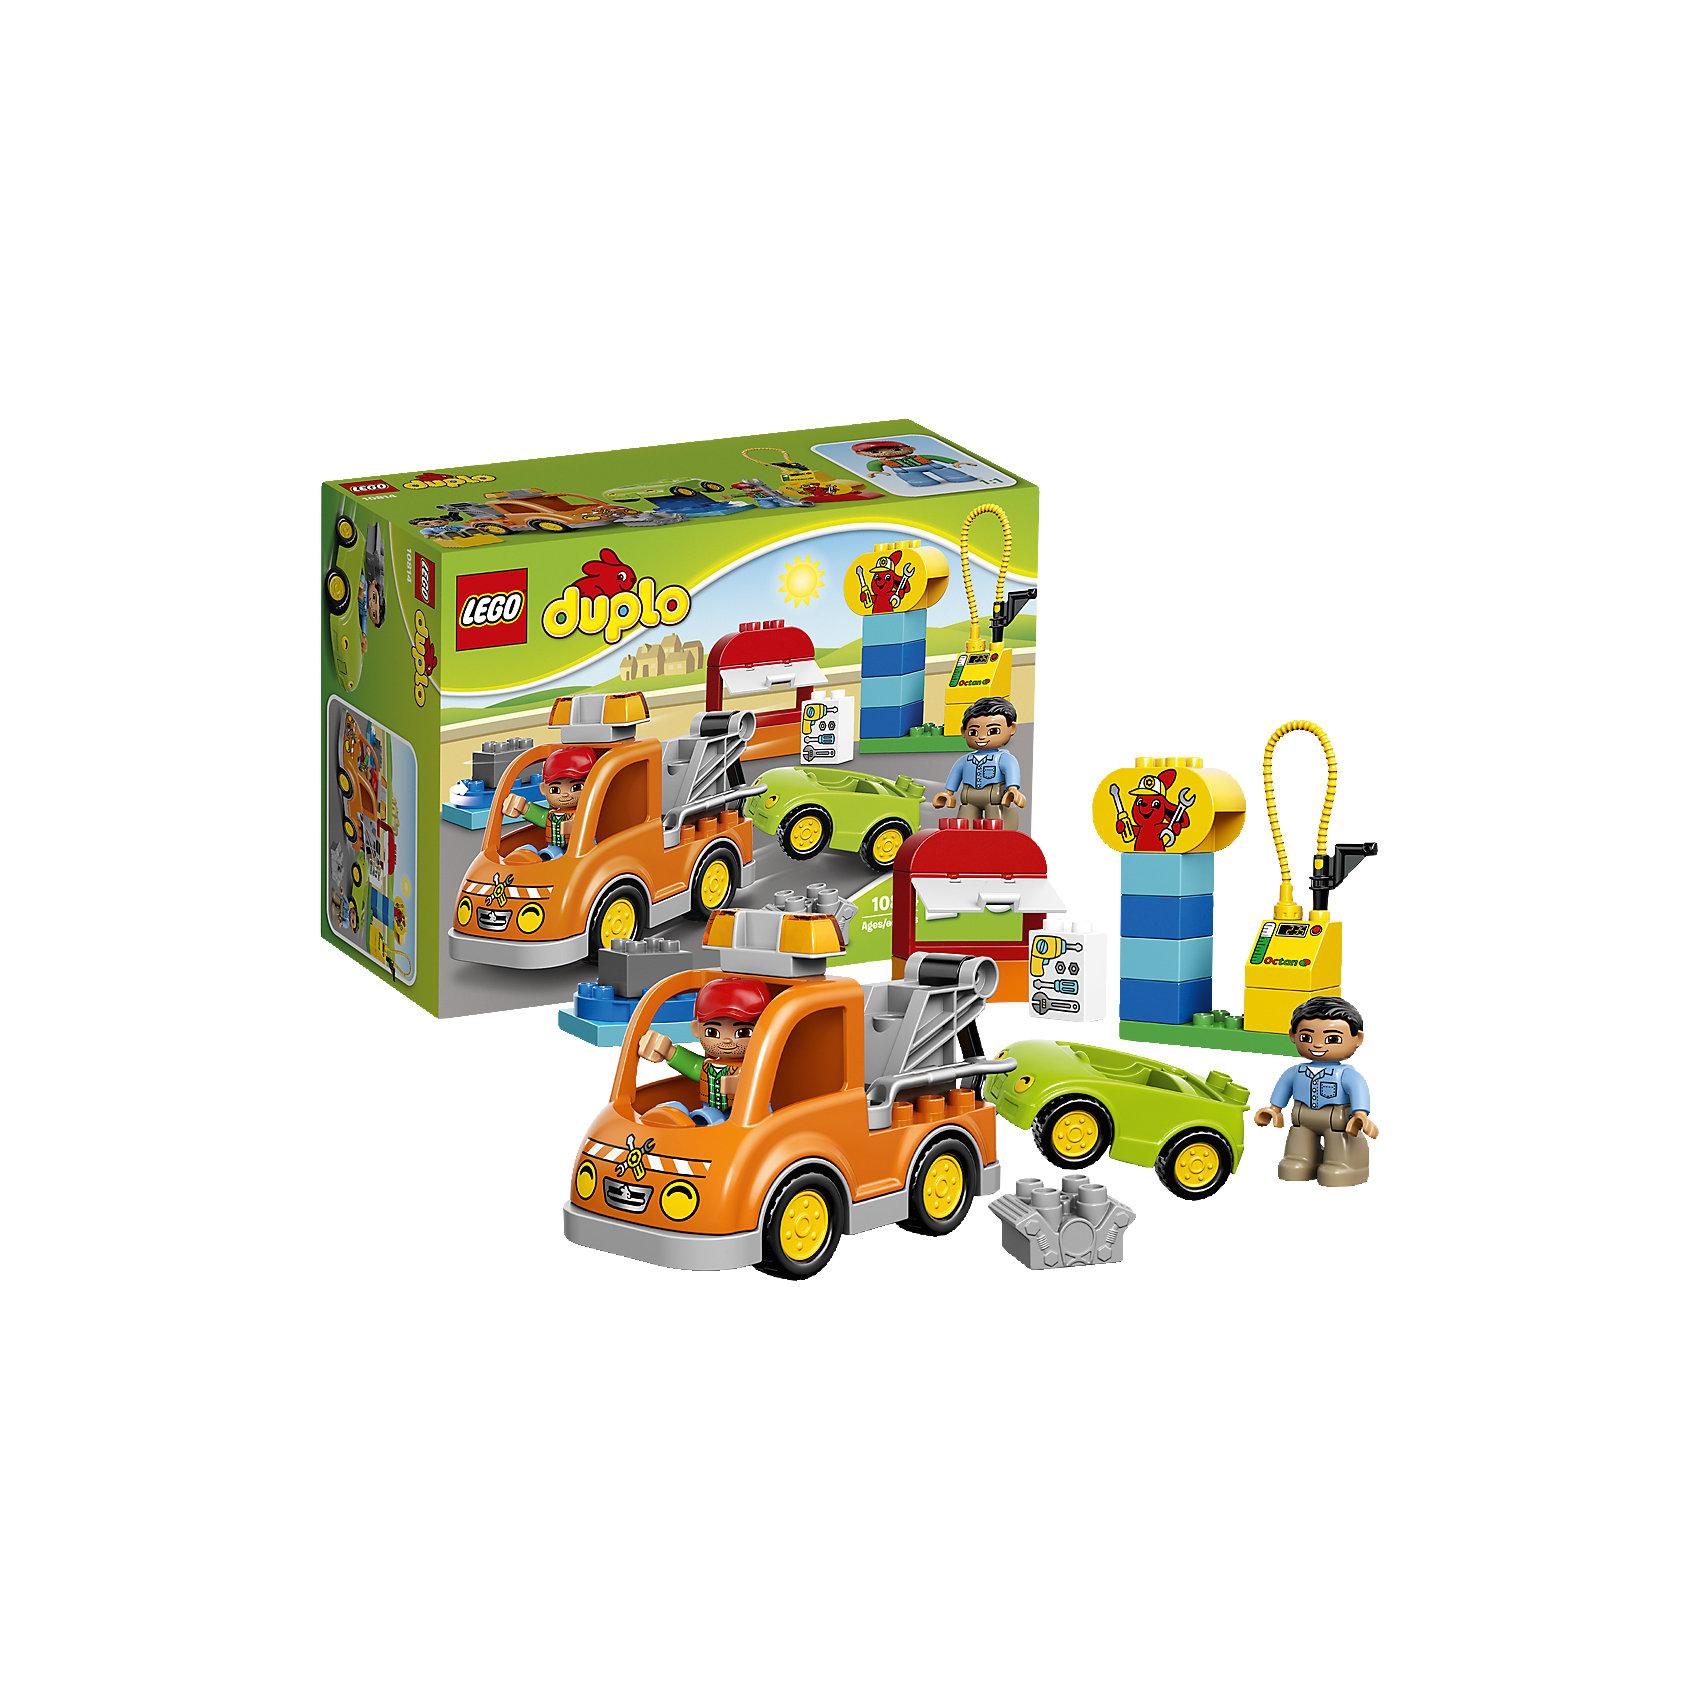 LEGO LEGO DUPLO 10814: Буксировщик lego duplo 10508 лего дупло большой поезд